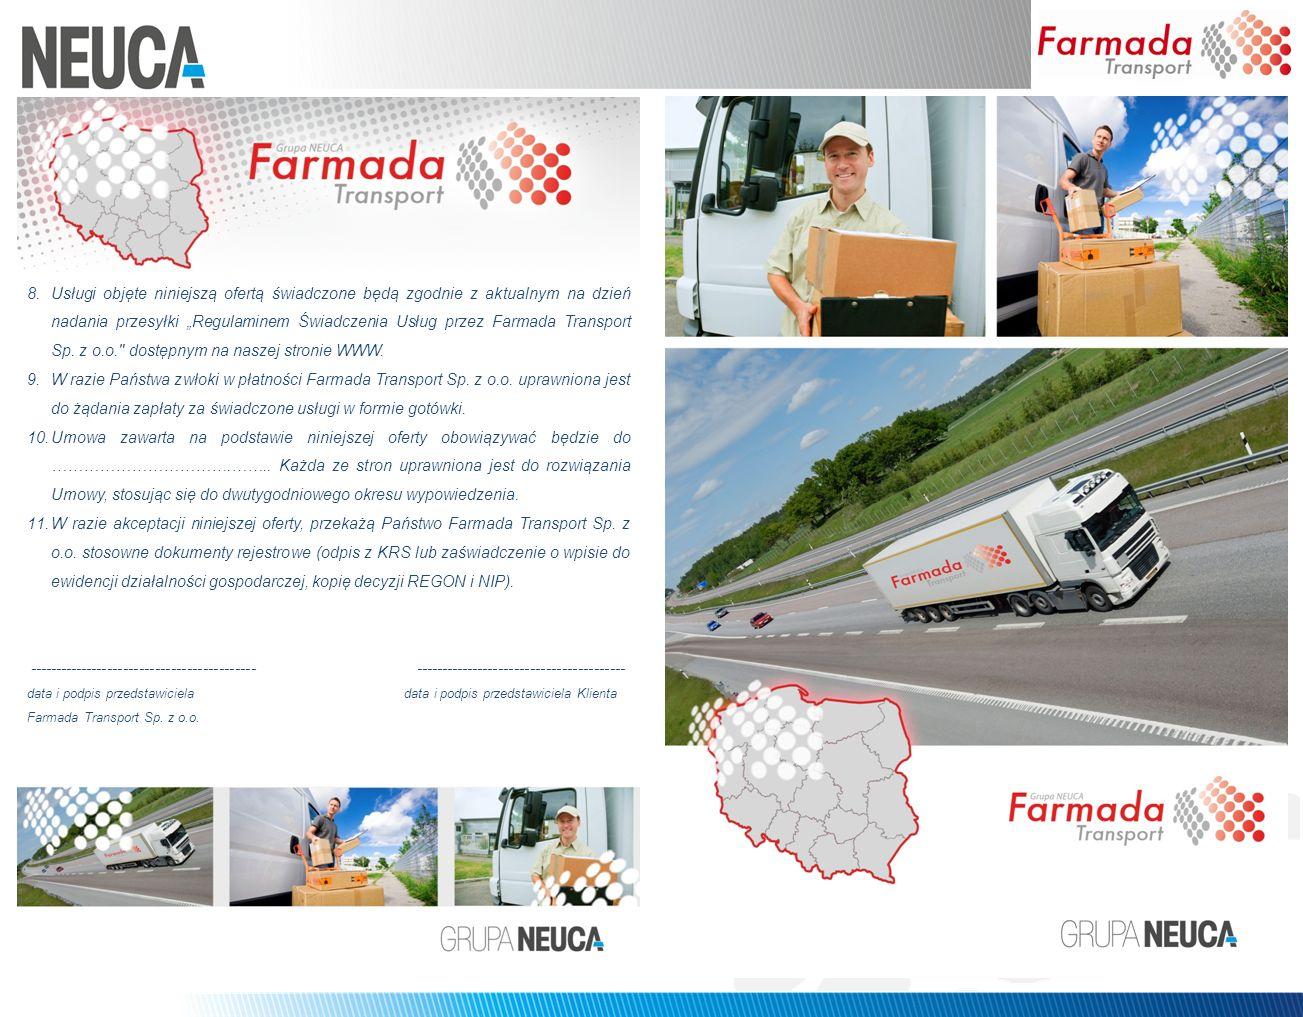 """Usługi objęte niniejszą ofertą świadczone będą zgodnie z aktualnym na dzień nadania przesyłki """"Regulaminem Świadczenia Usług przez Farmada Transport Sp. z o.o. dostępnym na naszej stronie WWW."""